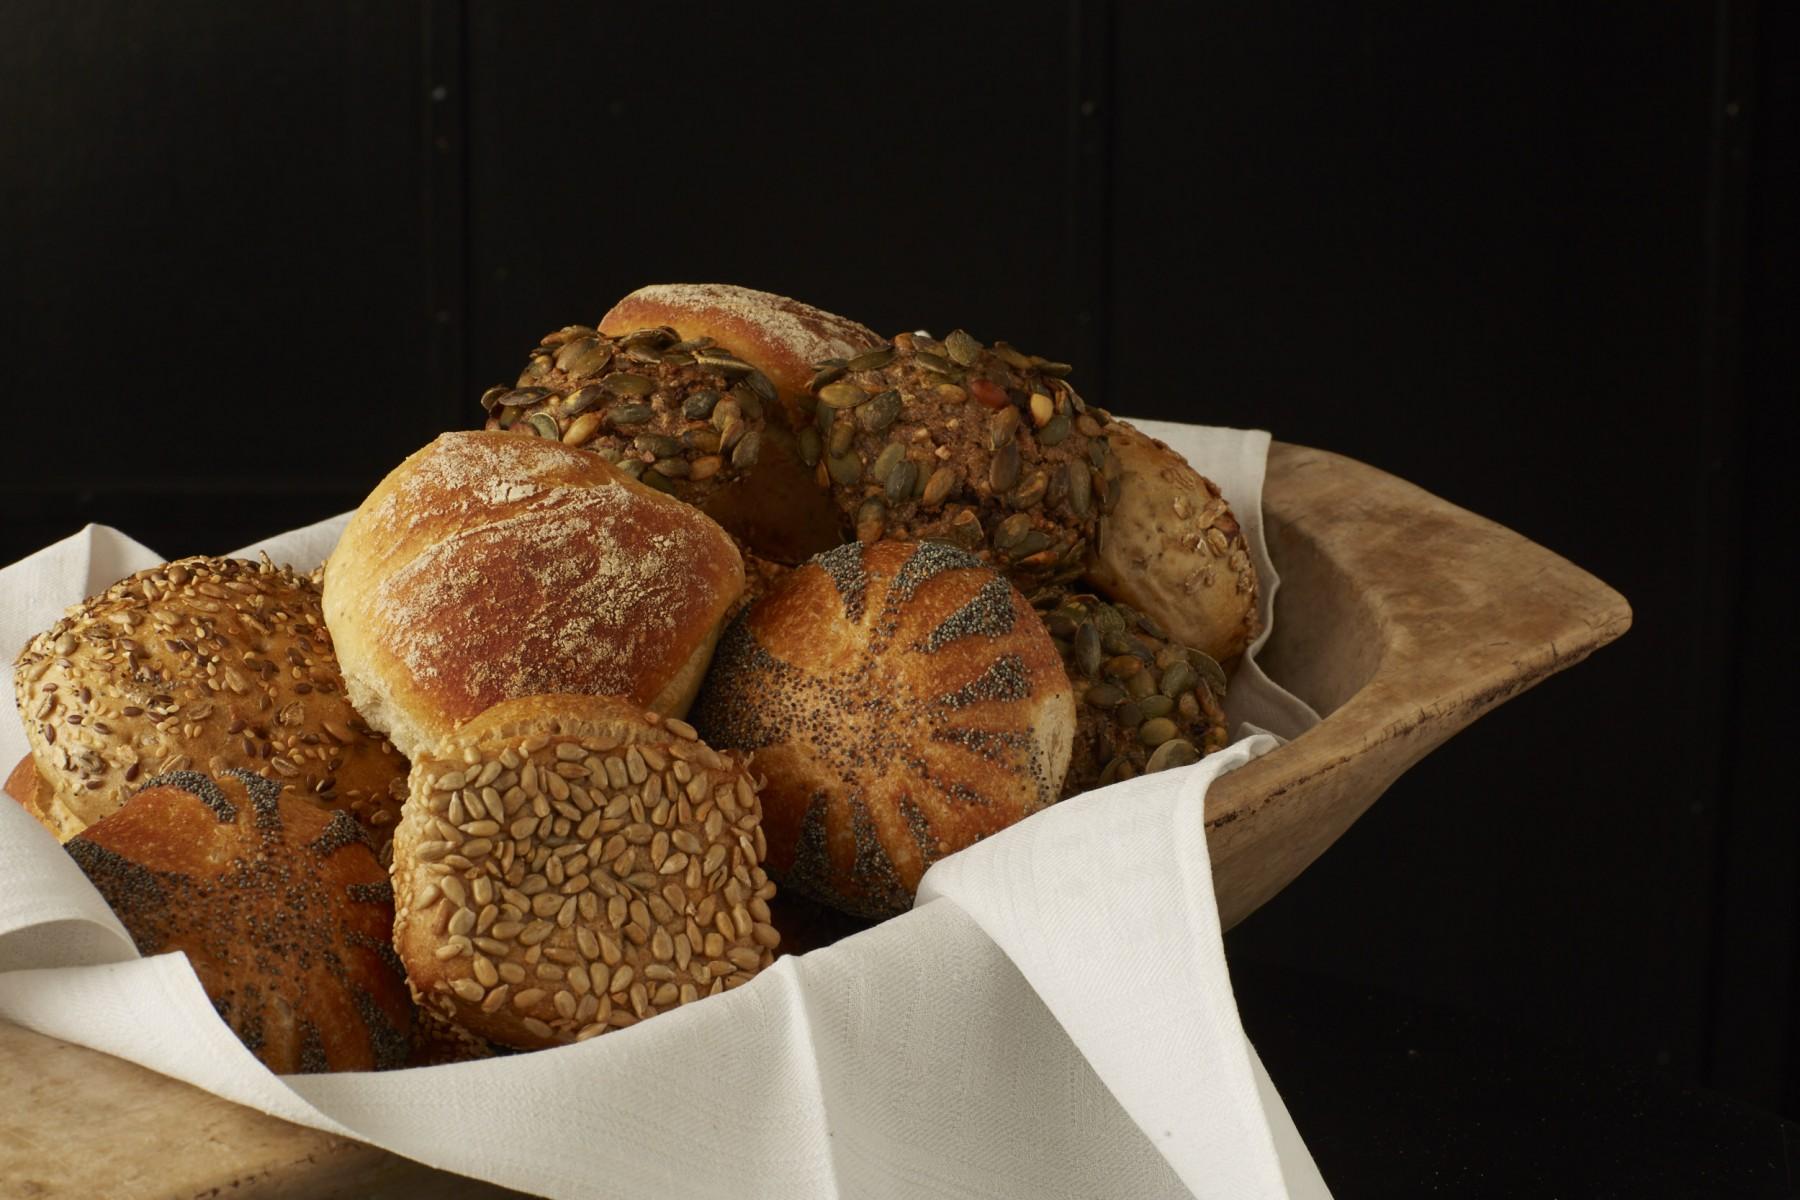 Brødsnedkeren-brødudvalg0205-e1427103455936